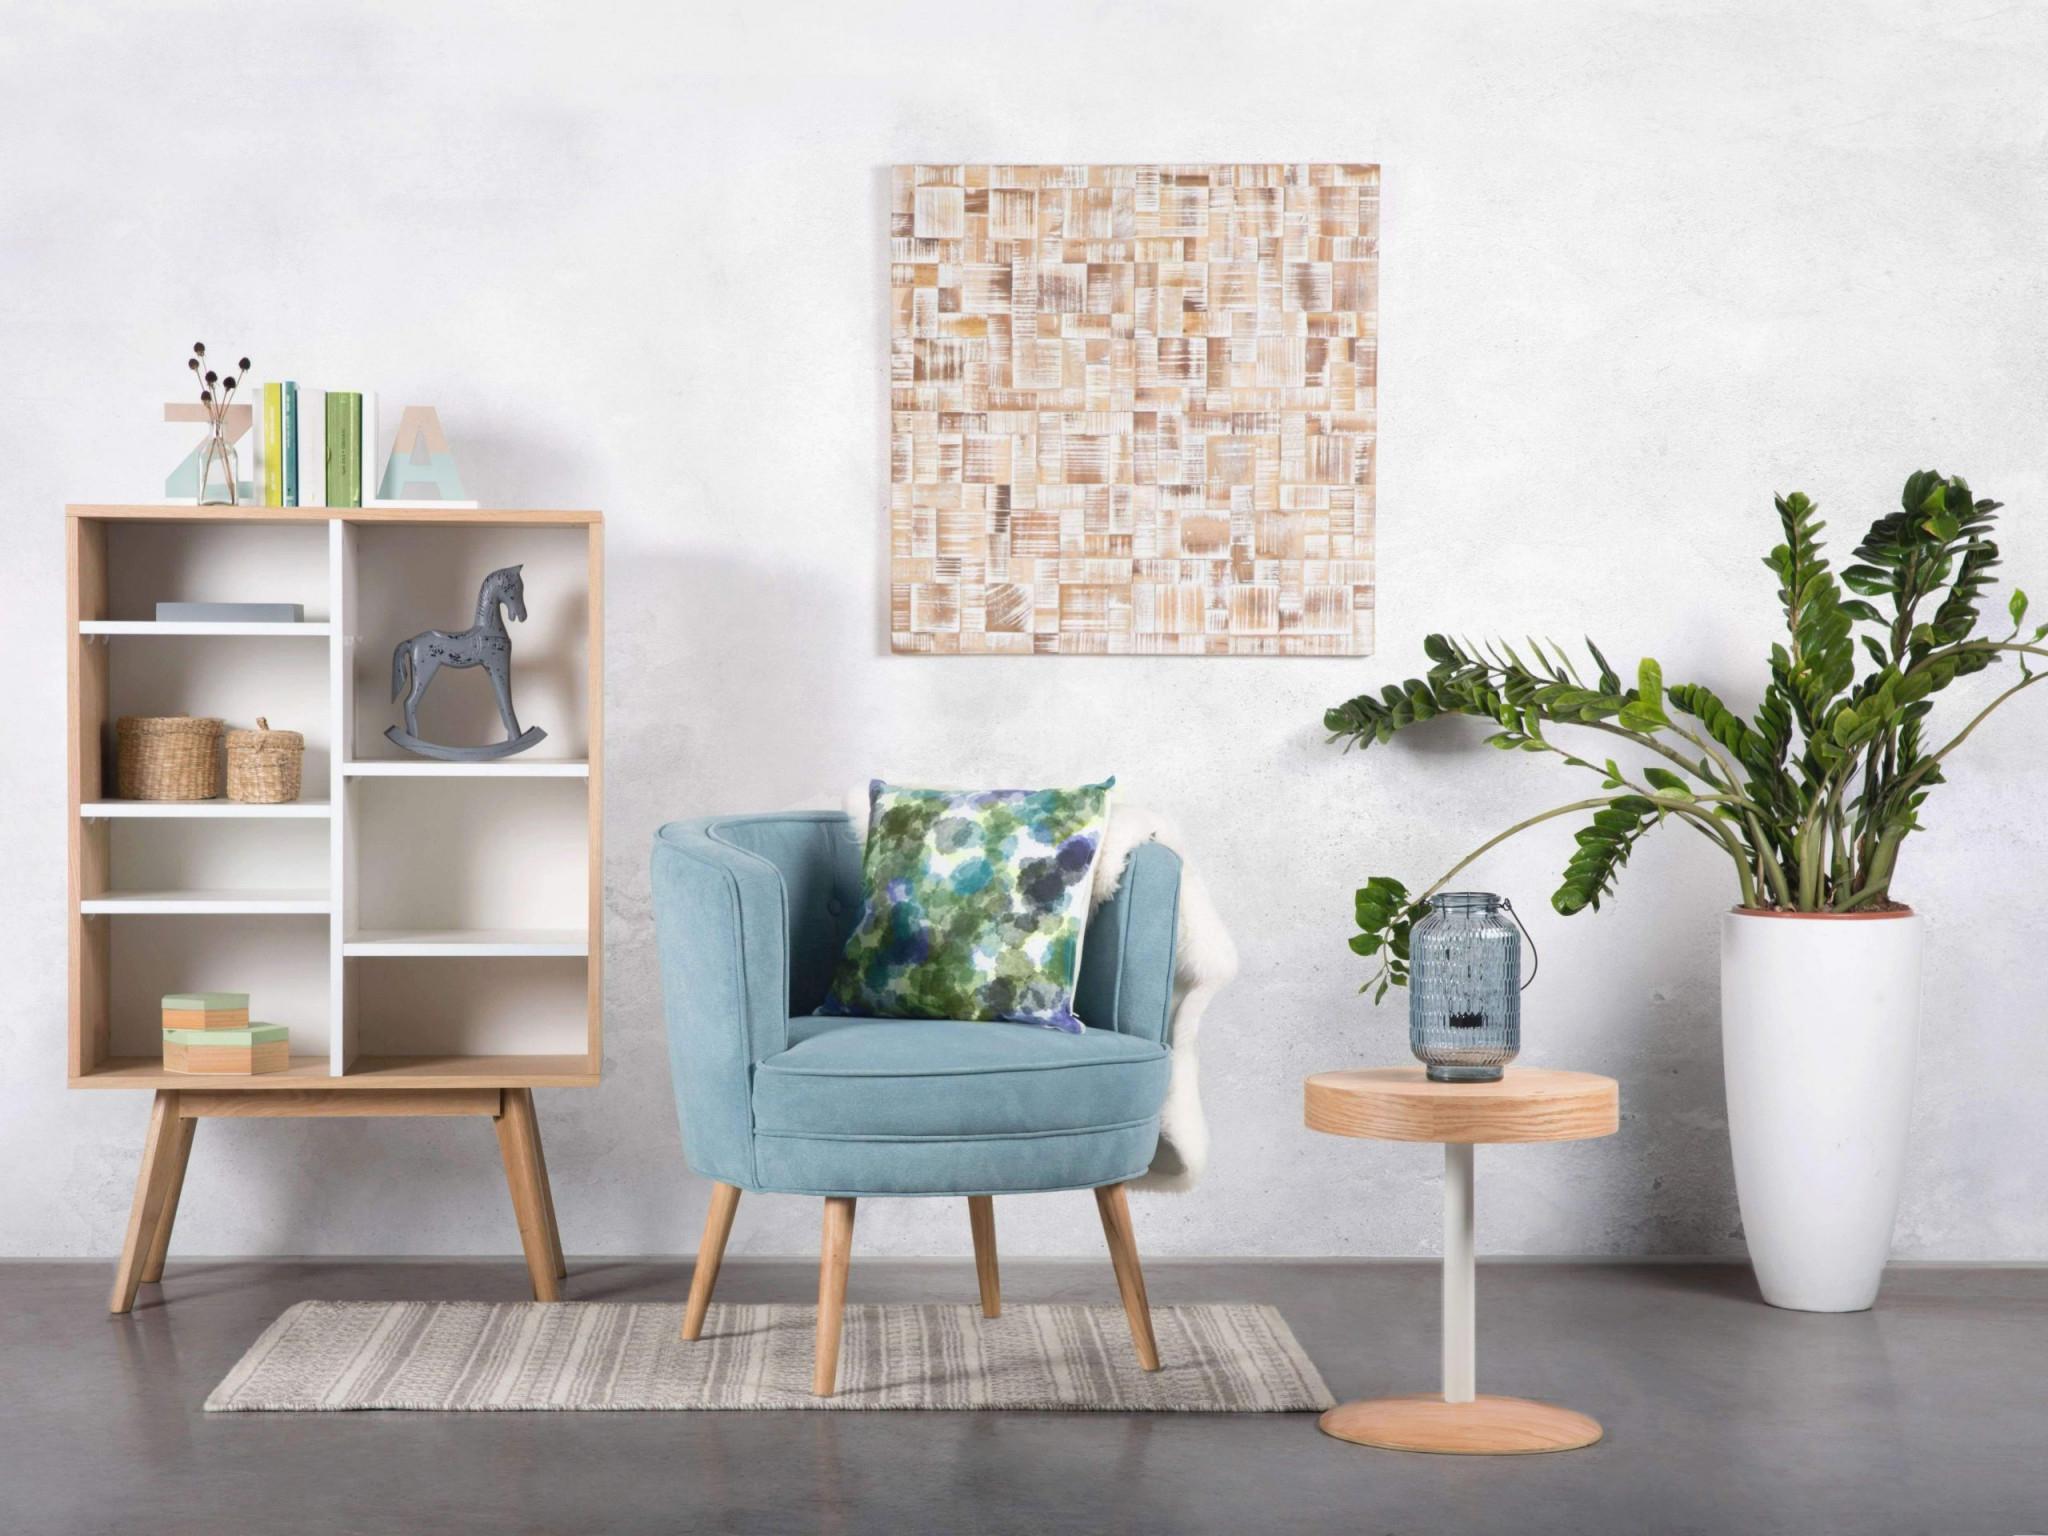 Minimalismus Wohnzimmer Schön Wohnzimmer Ideen von Wohnzimmer Ideen Minimalistisch Bild